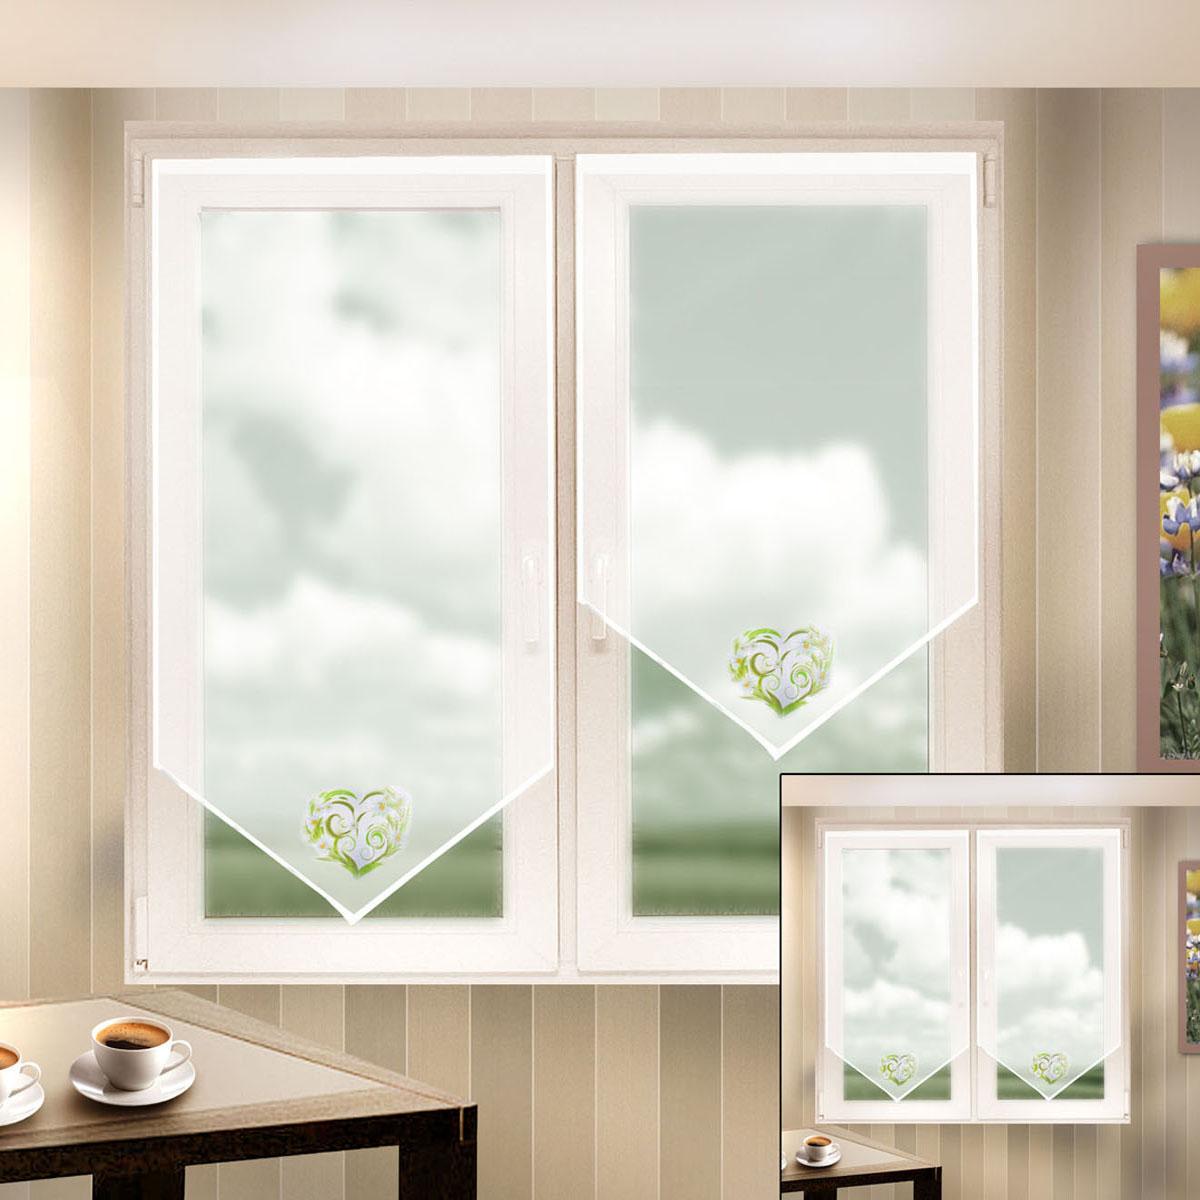 Гардина Zlata Korunka, на липкой ленте, цвет: белый, высота 90 см. 666052-2666052-2Гардина на липкой ленте Zlata Korunka, изготовленная из полиэстера, станет великолепным украшением любого окна. Полотно из белой вуали с печатным рисунком привлечет к себе внимание и органично впишется в интерьер комнаты. Лучшая альтернатива рулонным шторам - шторы на липкой ленте. Особенность этих штор заключается в том, что они имеют липкую основу в месте крепления. Лента или основа надежно и быстро крепится на раму окна, а на нее фиксируется сама штора.